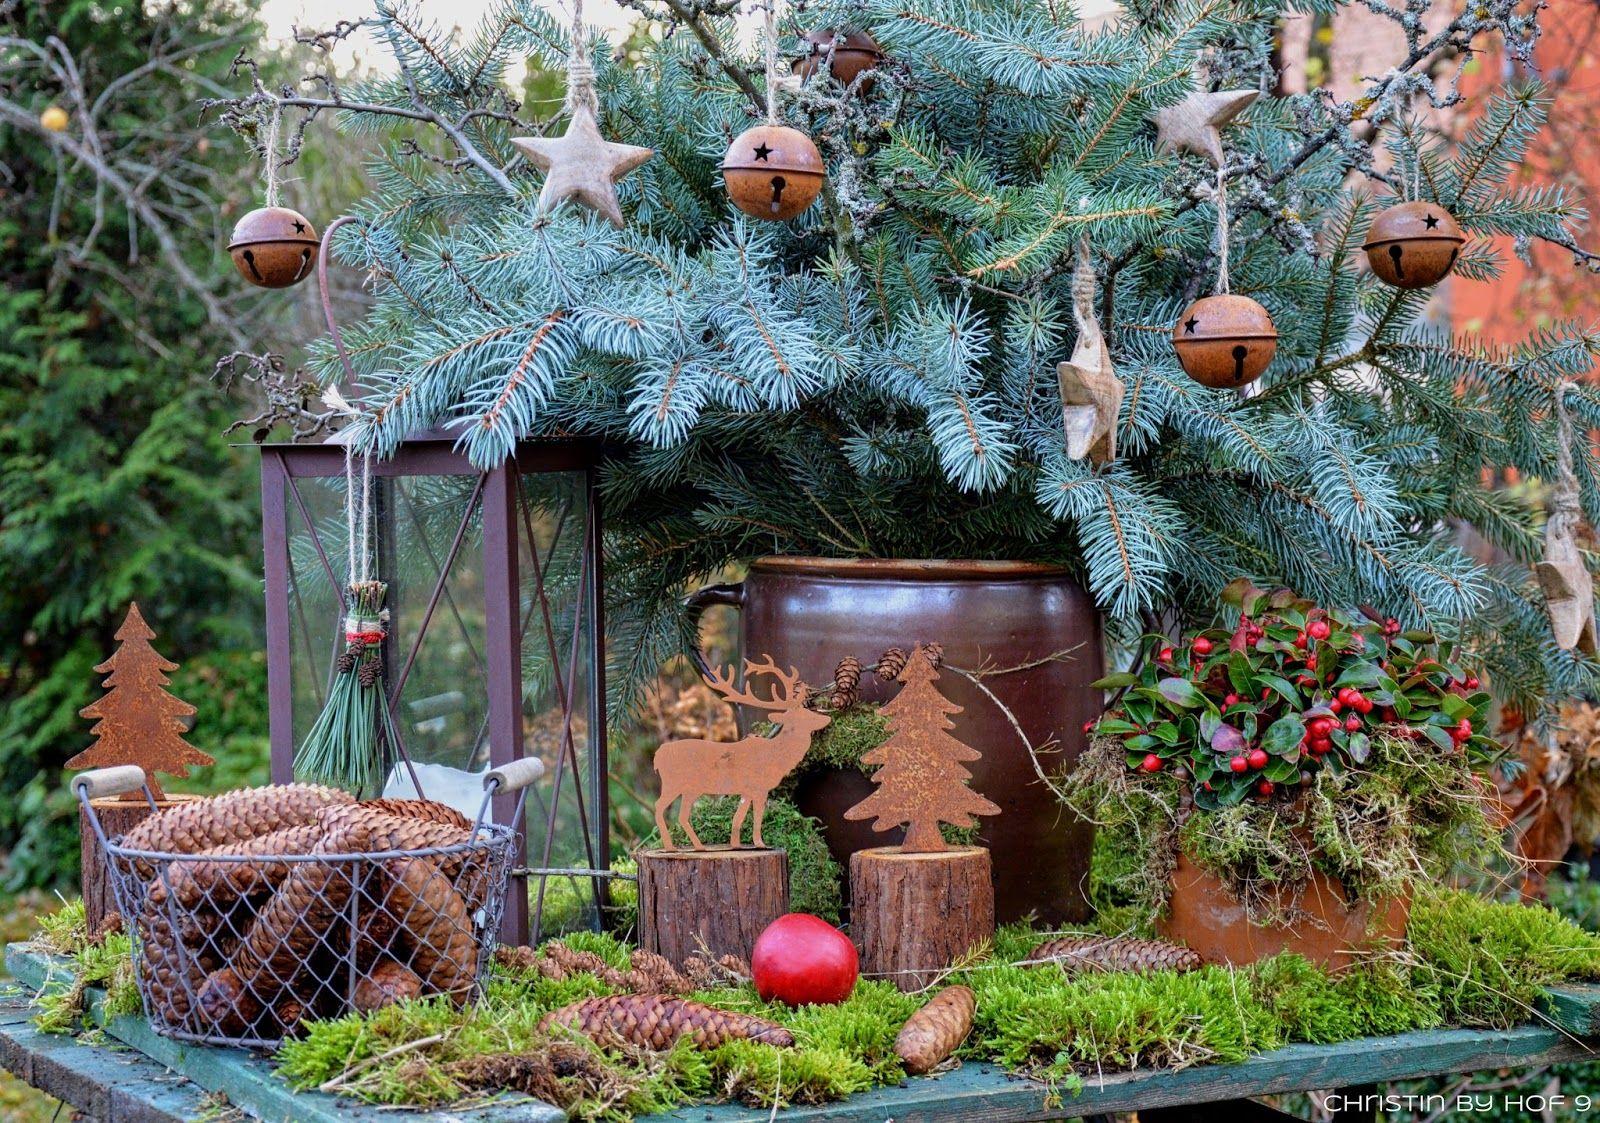 quaste aus kiefernadeln nat rliche gartendeko im winter weihnachtsdekoration im garten. Black Bedroom Furniture Sets. Home Design Ideas